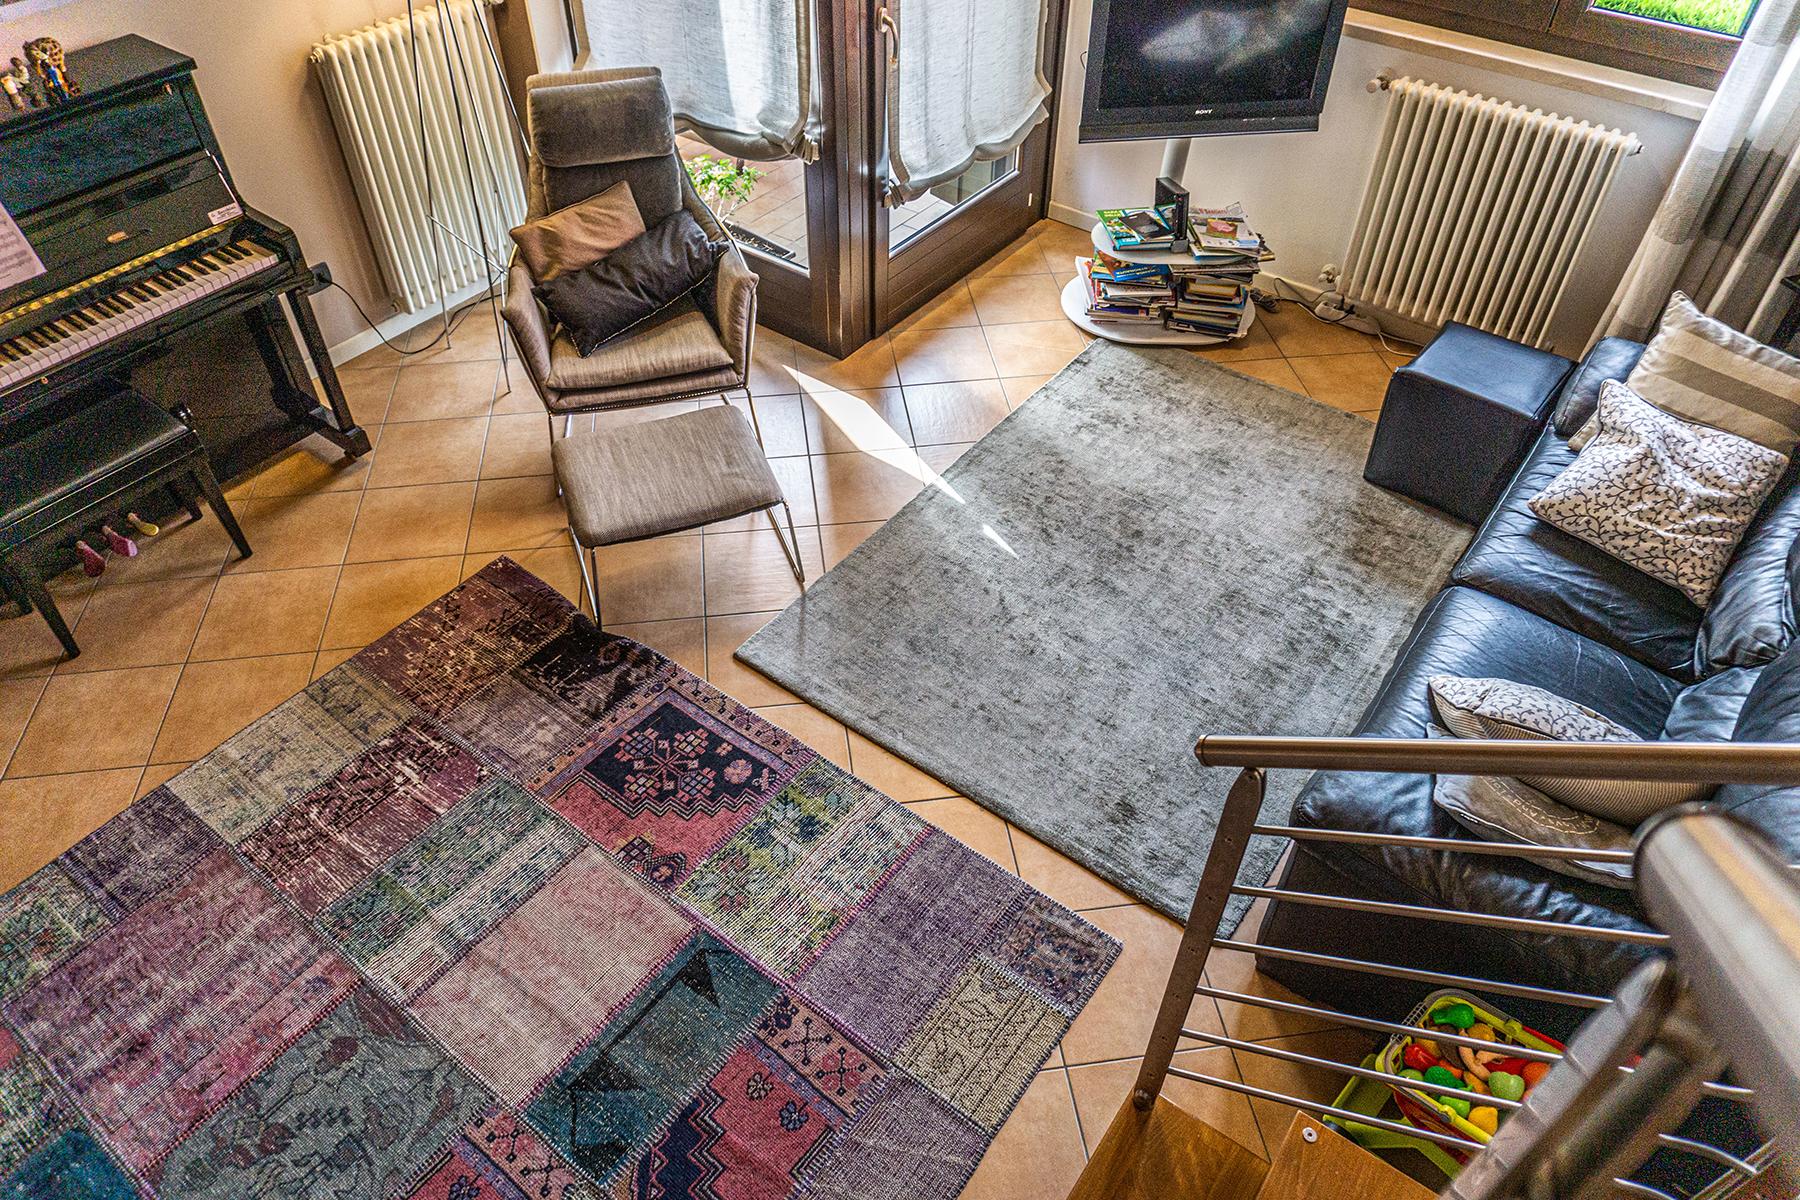 Vendita appartamento C099 SAN GIOVANNI LUPATOTO - POZZO - APPARTAMENTO ULTIMO PIANO CON TERRAZZO